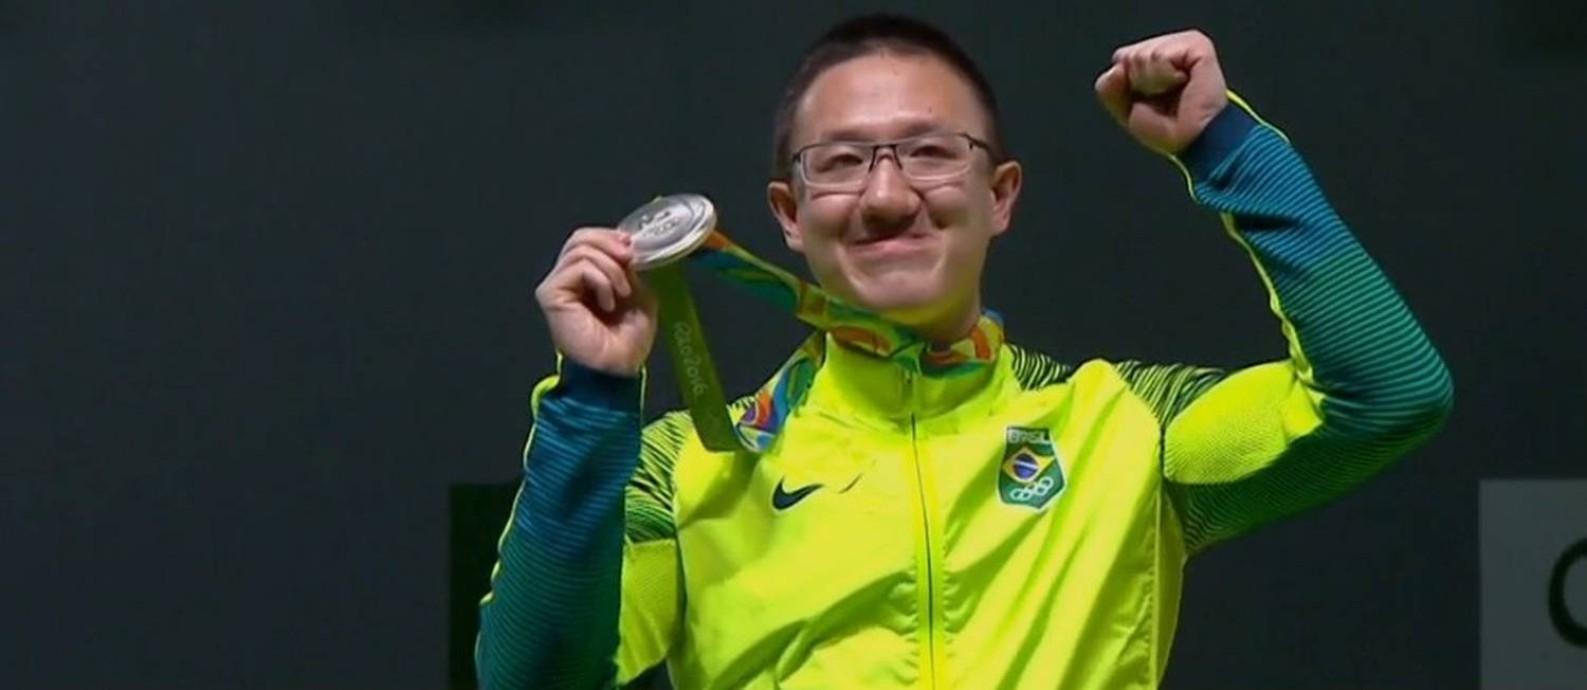 Felipe Wu celebra a conquista da prata. Atleta do tiro esportivo foi o primeiro brasileiro a subir ao pódio nos jogos do Rio Foto: Reprodução